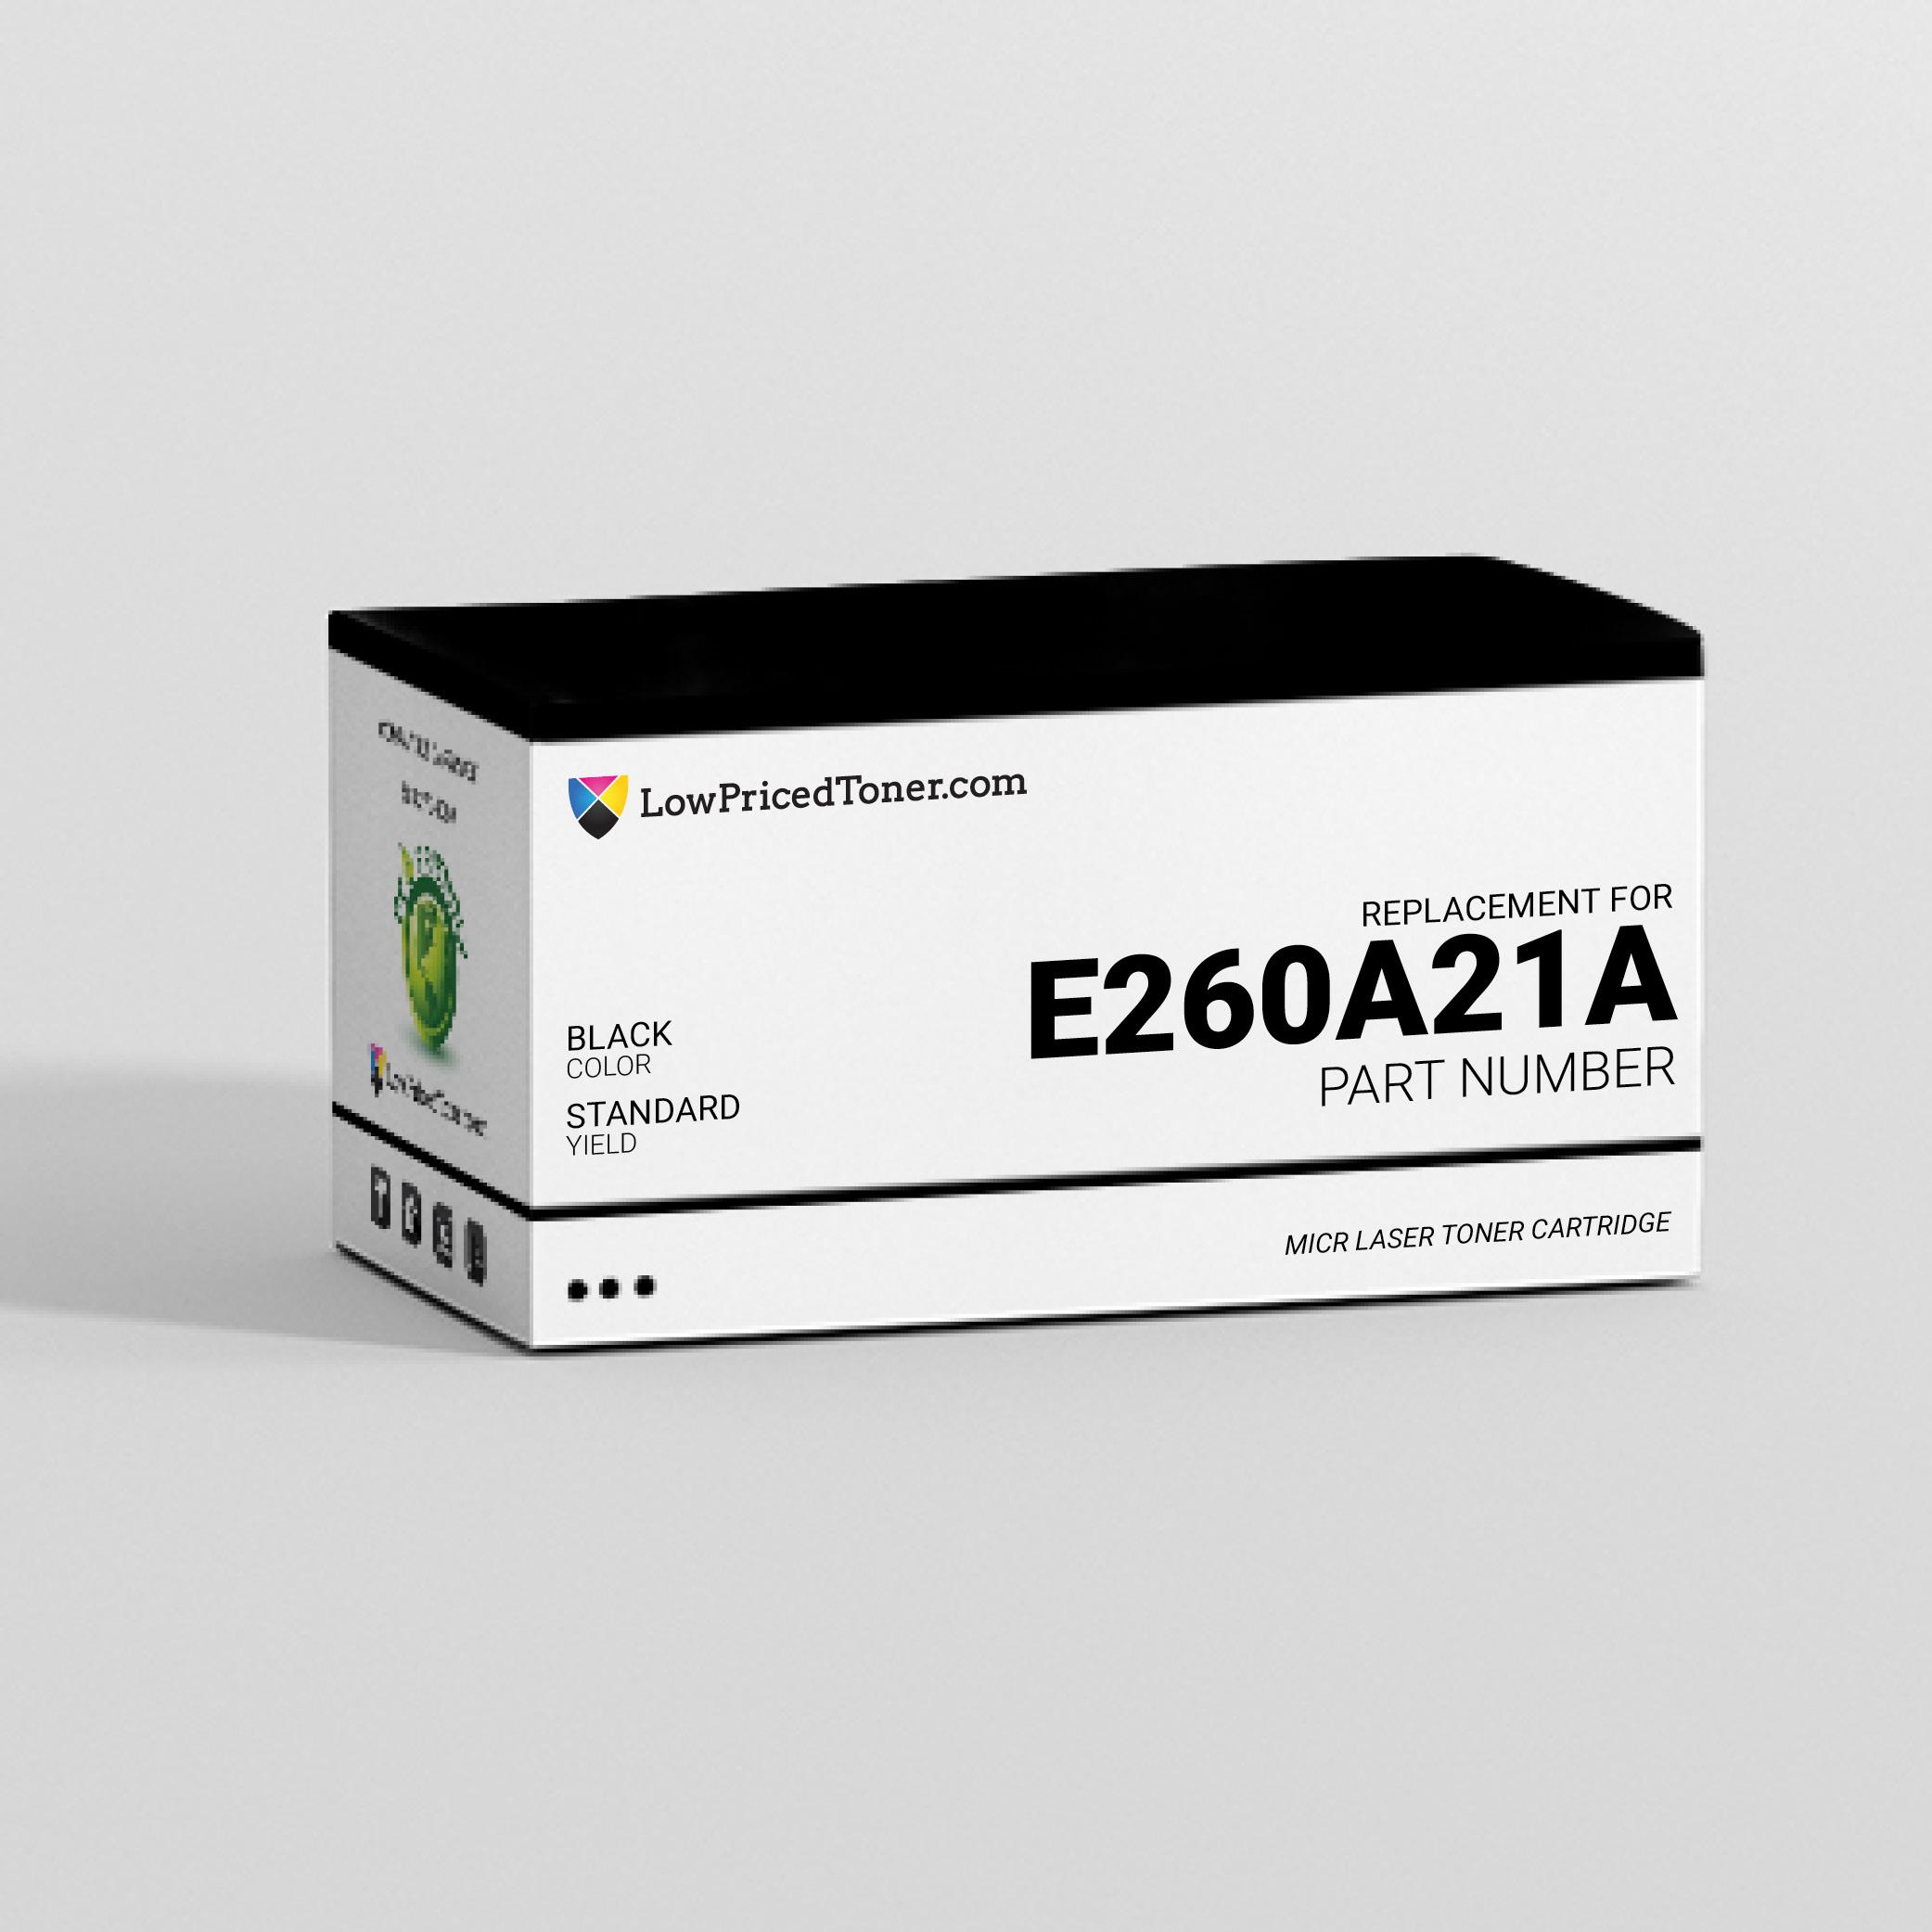 Lexmark E260A21A Remanufactured Black MICR Laser Toner Cartridge